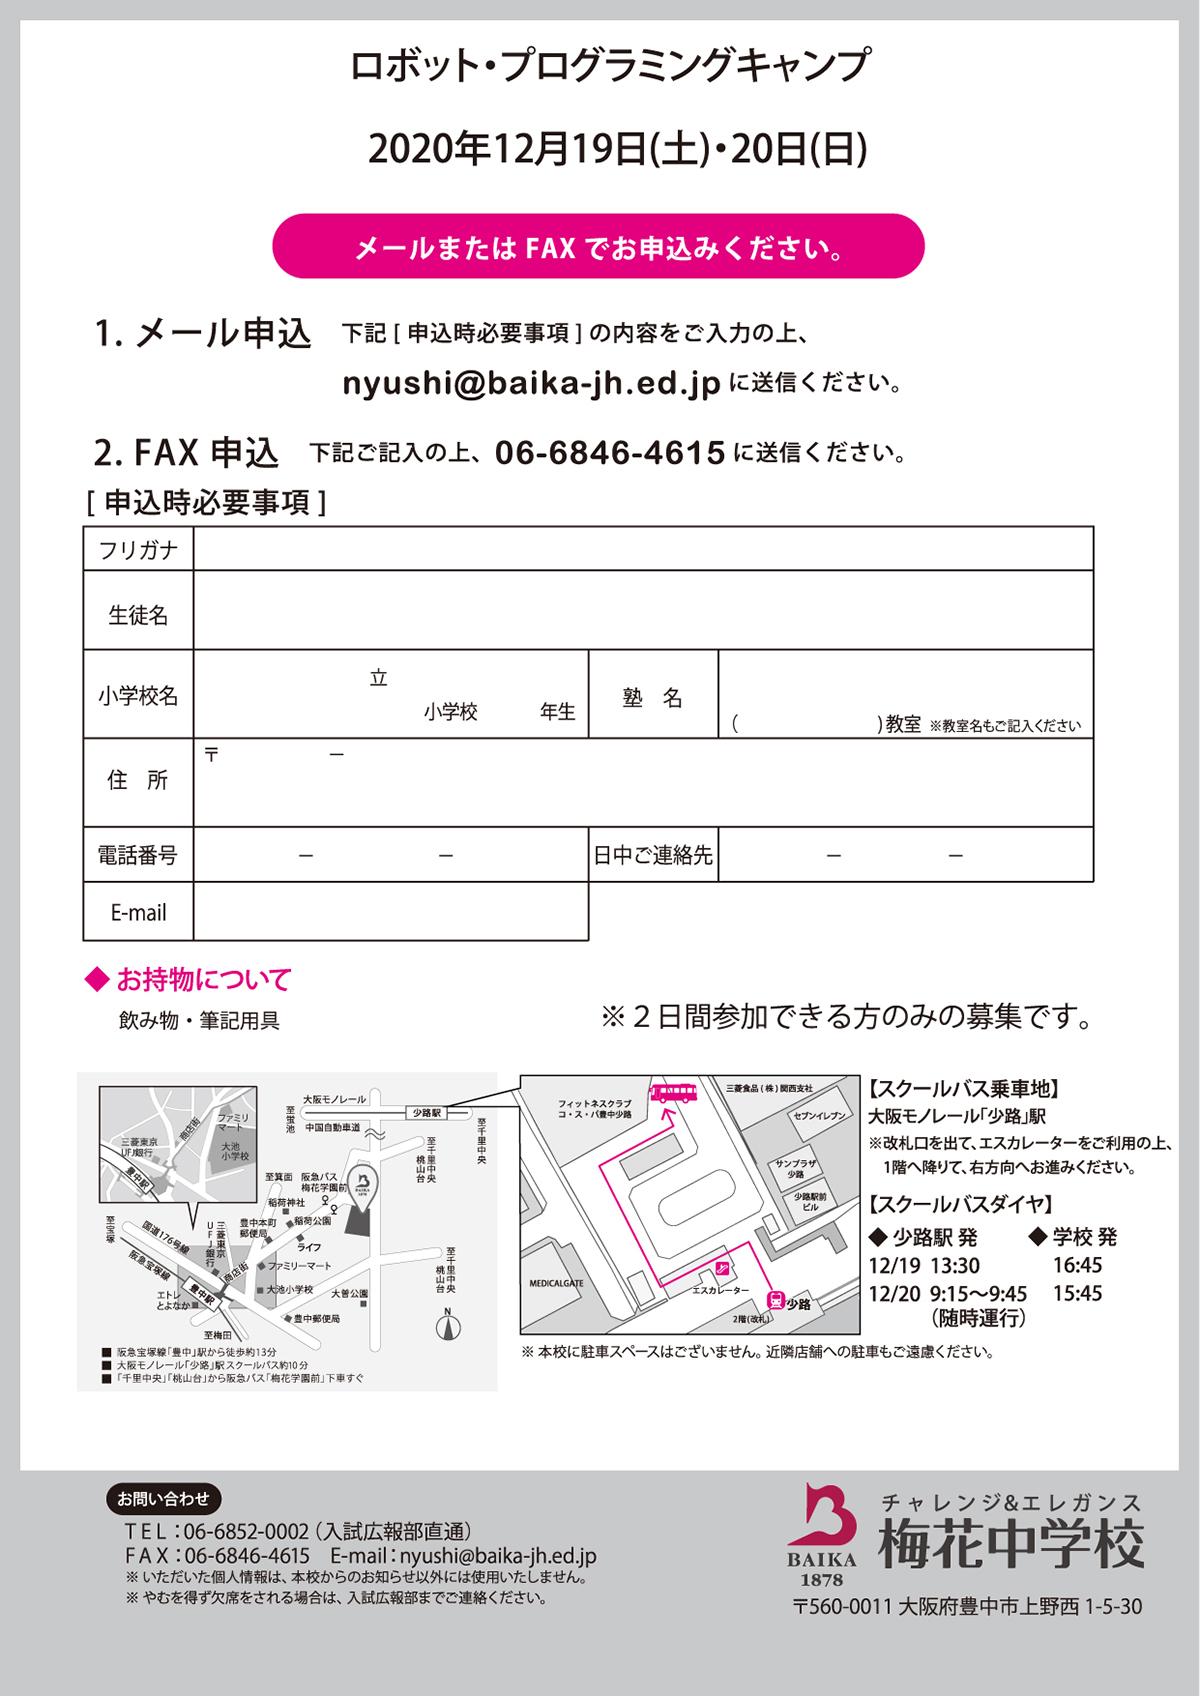 第2回 ロボットプログラミングキャンプ2020 梅花中学校・高等学校 申込用紙